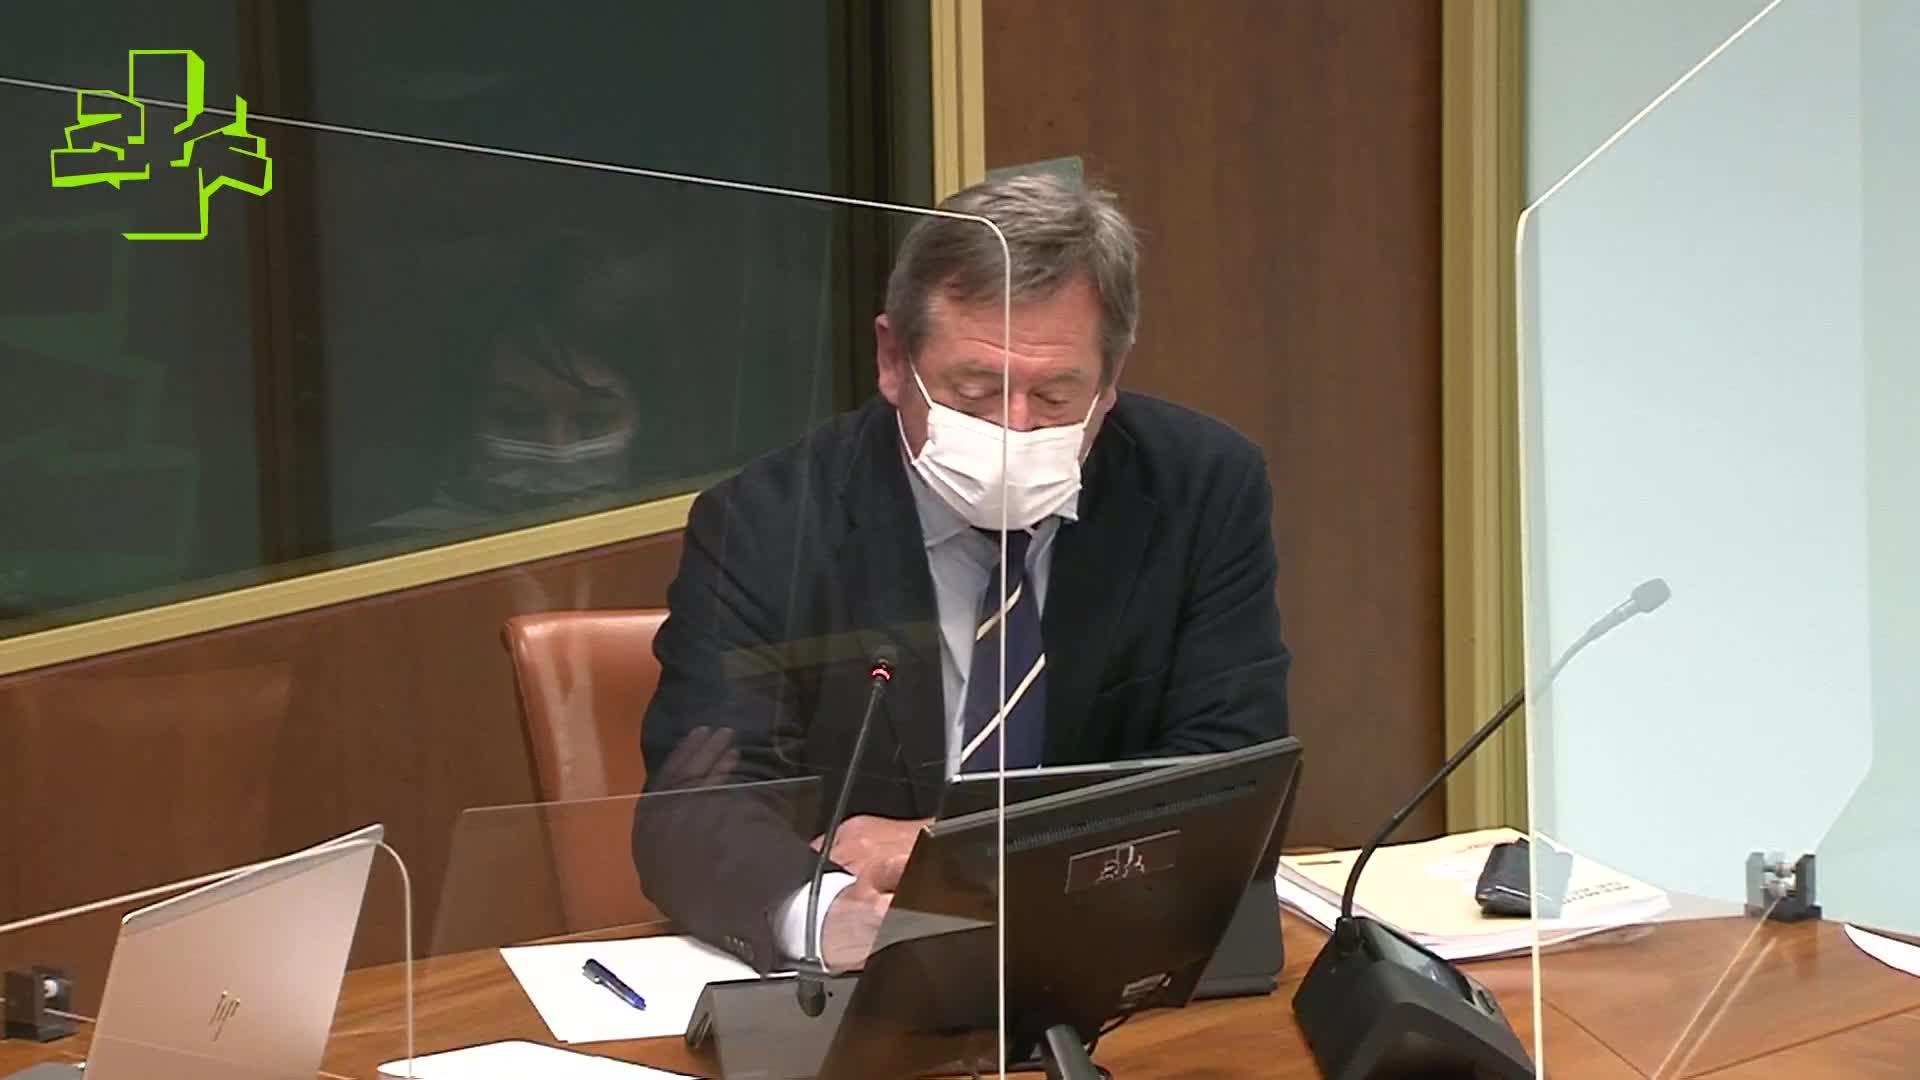 Comisión de Cultura, Euskera y Deporte (26/05/2021) [77:55]